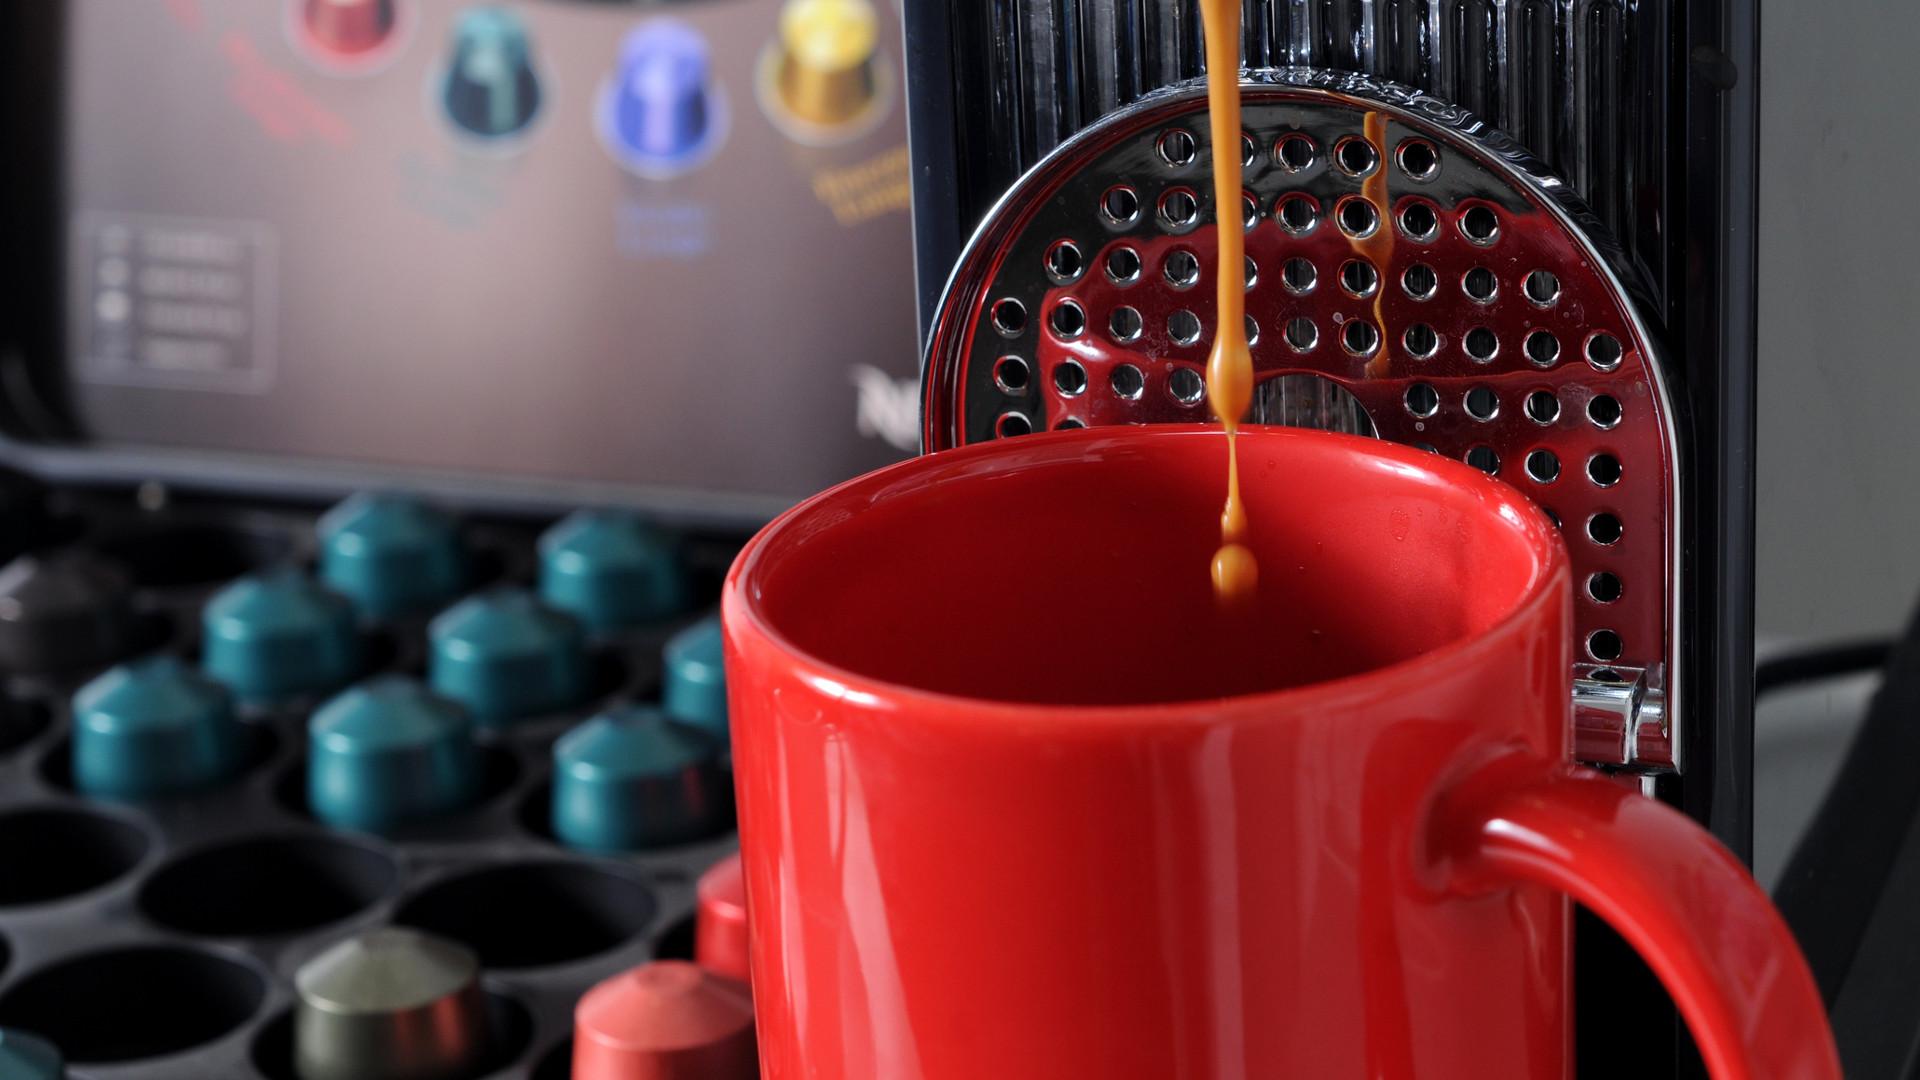 Nie wyobrażacie sobie życia bez kawy? Z okazji Black Friday czeka na Was niespodzianka